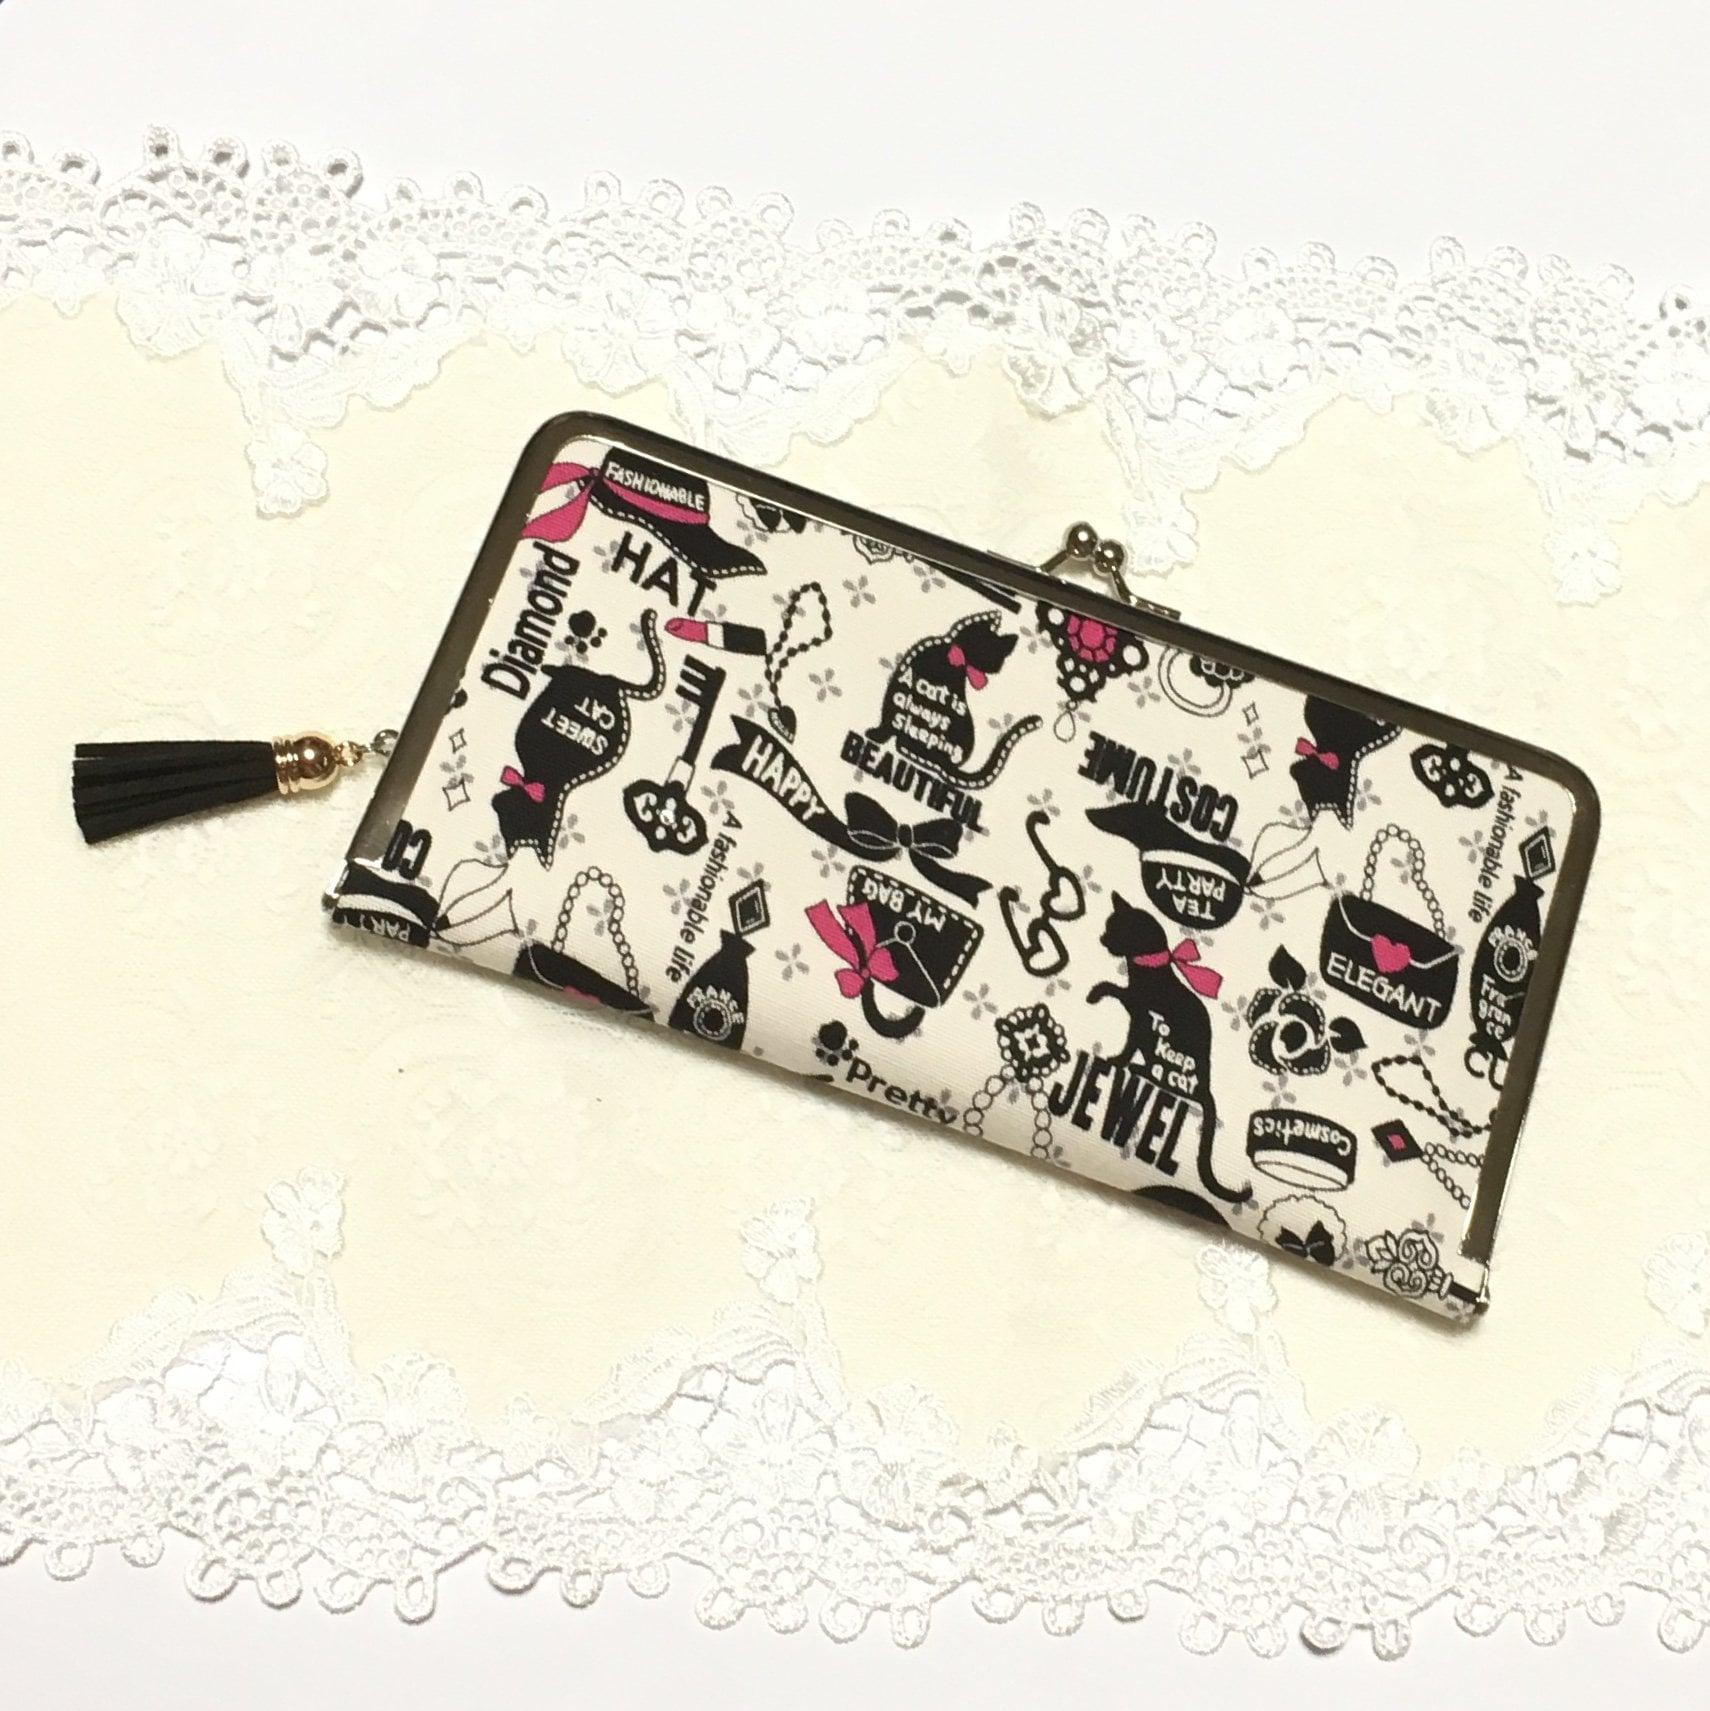 縫わないがまぐち  長財布のイメージその1